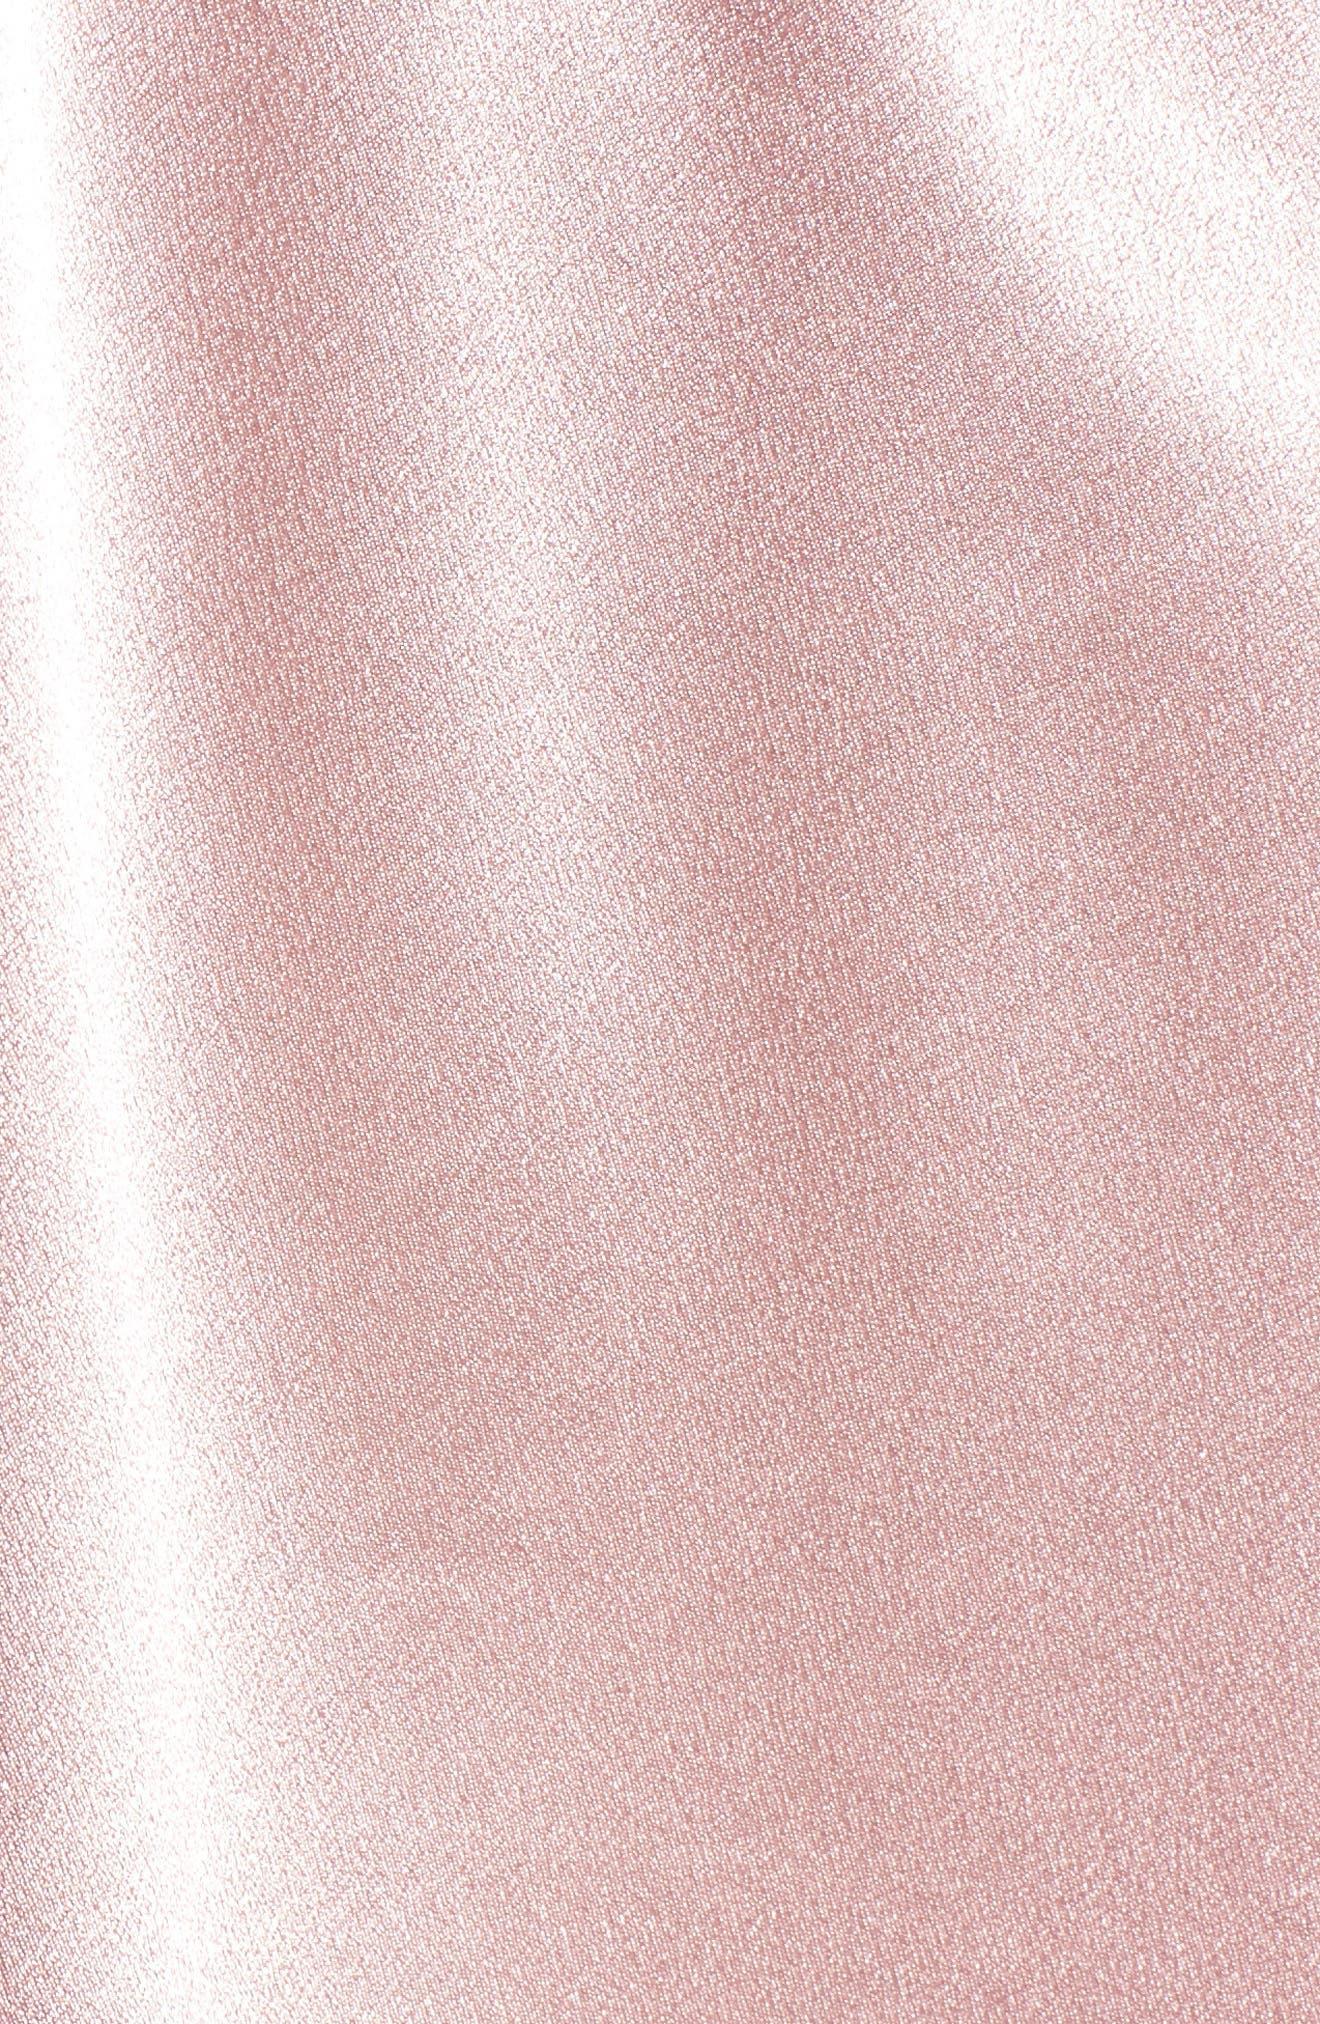 Lane Minidress,                             Alternate thumbnail 5, color,                             650